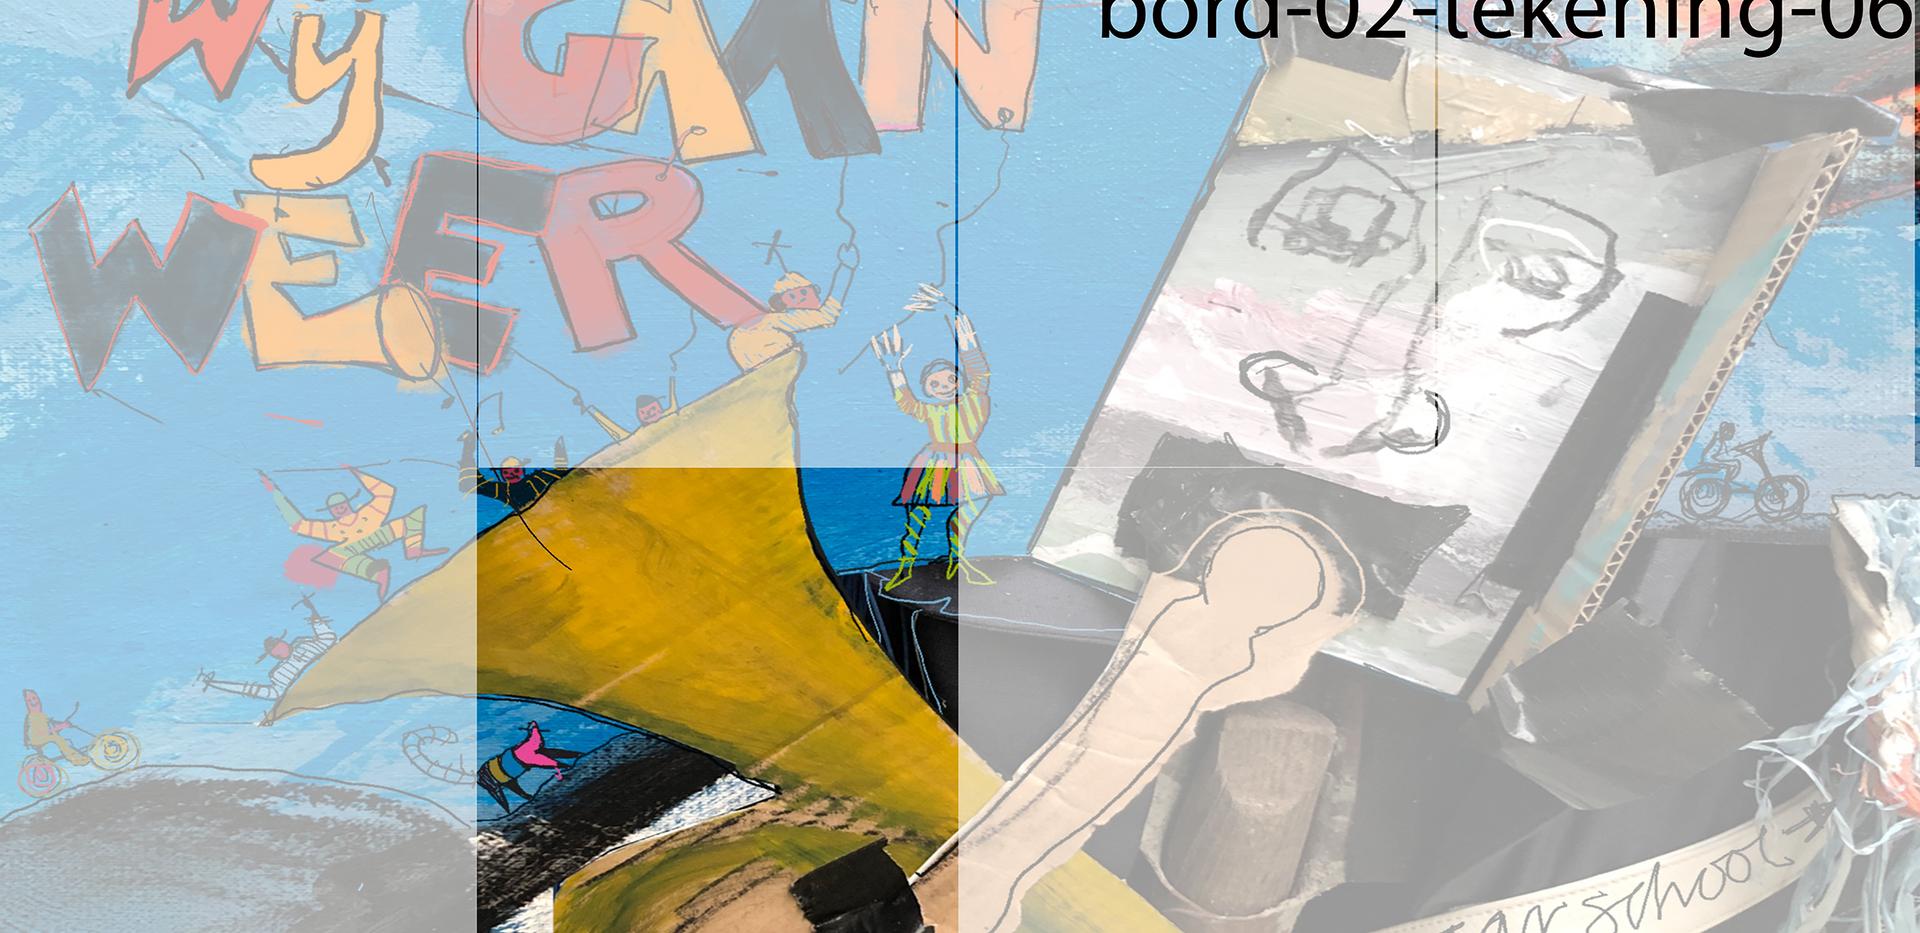 bord-02-tekening-06.png